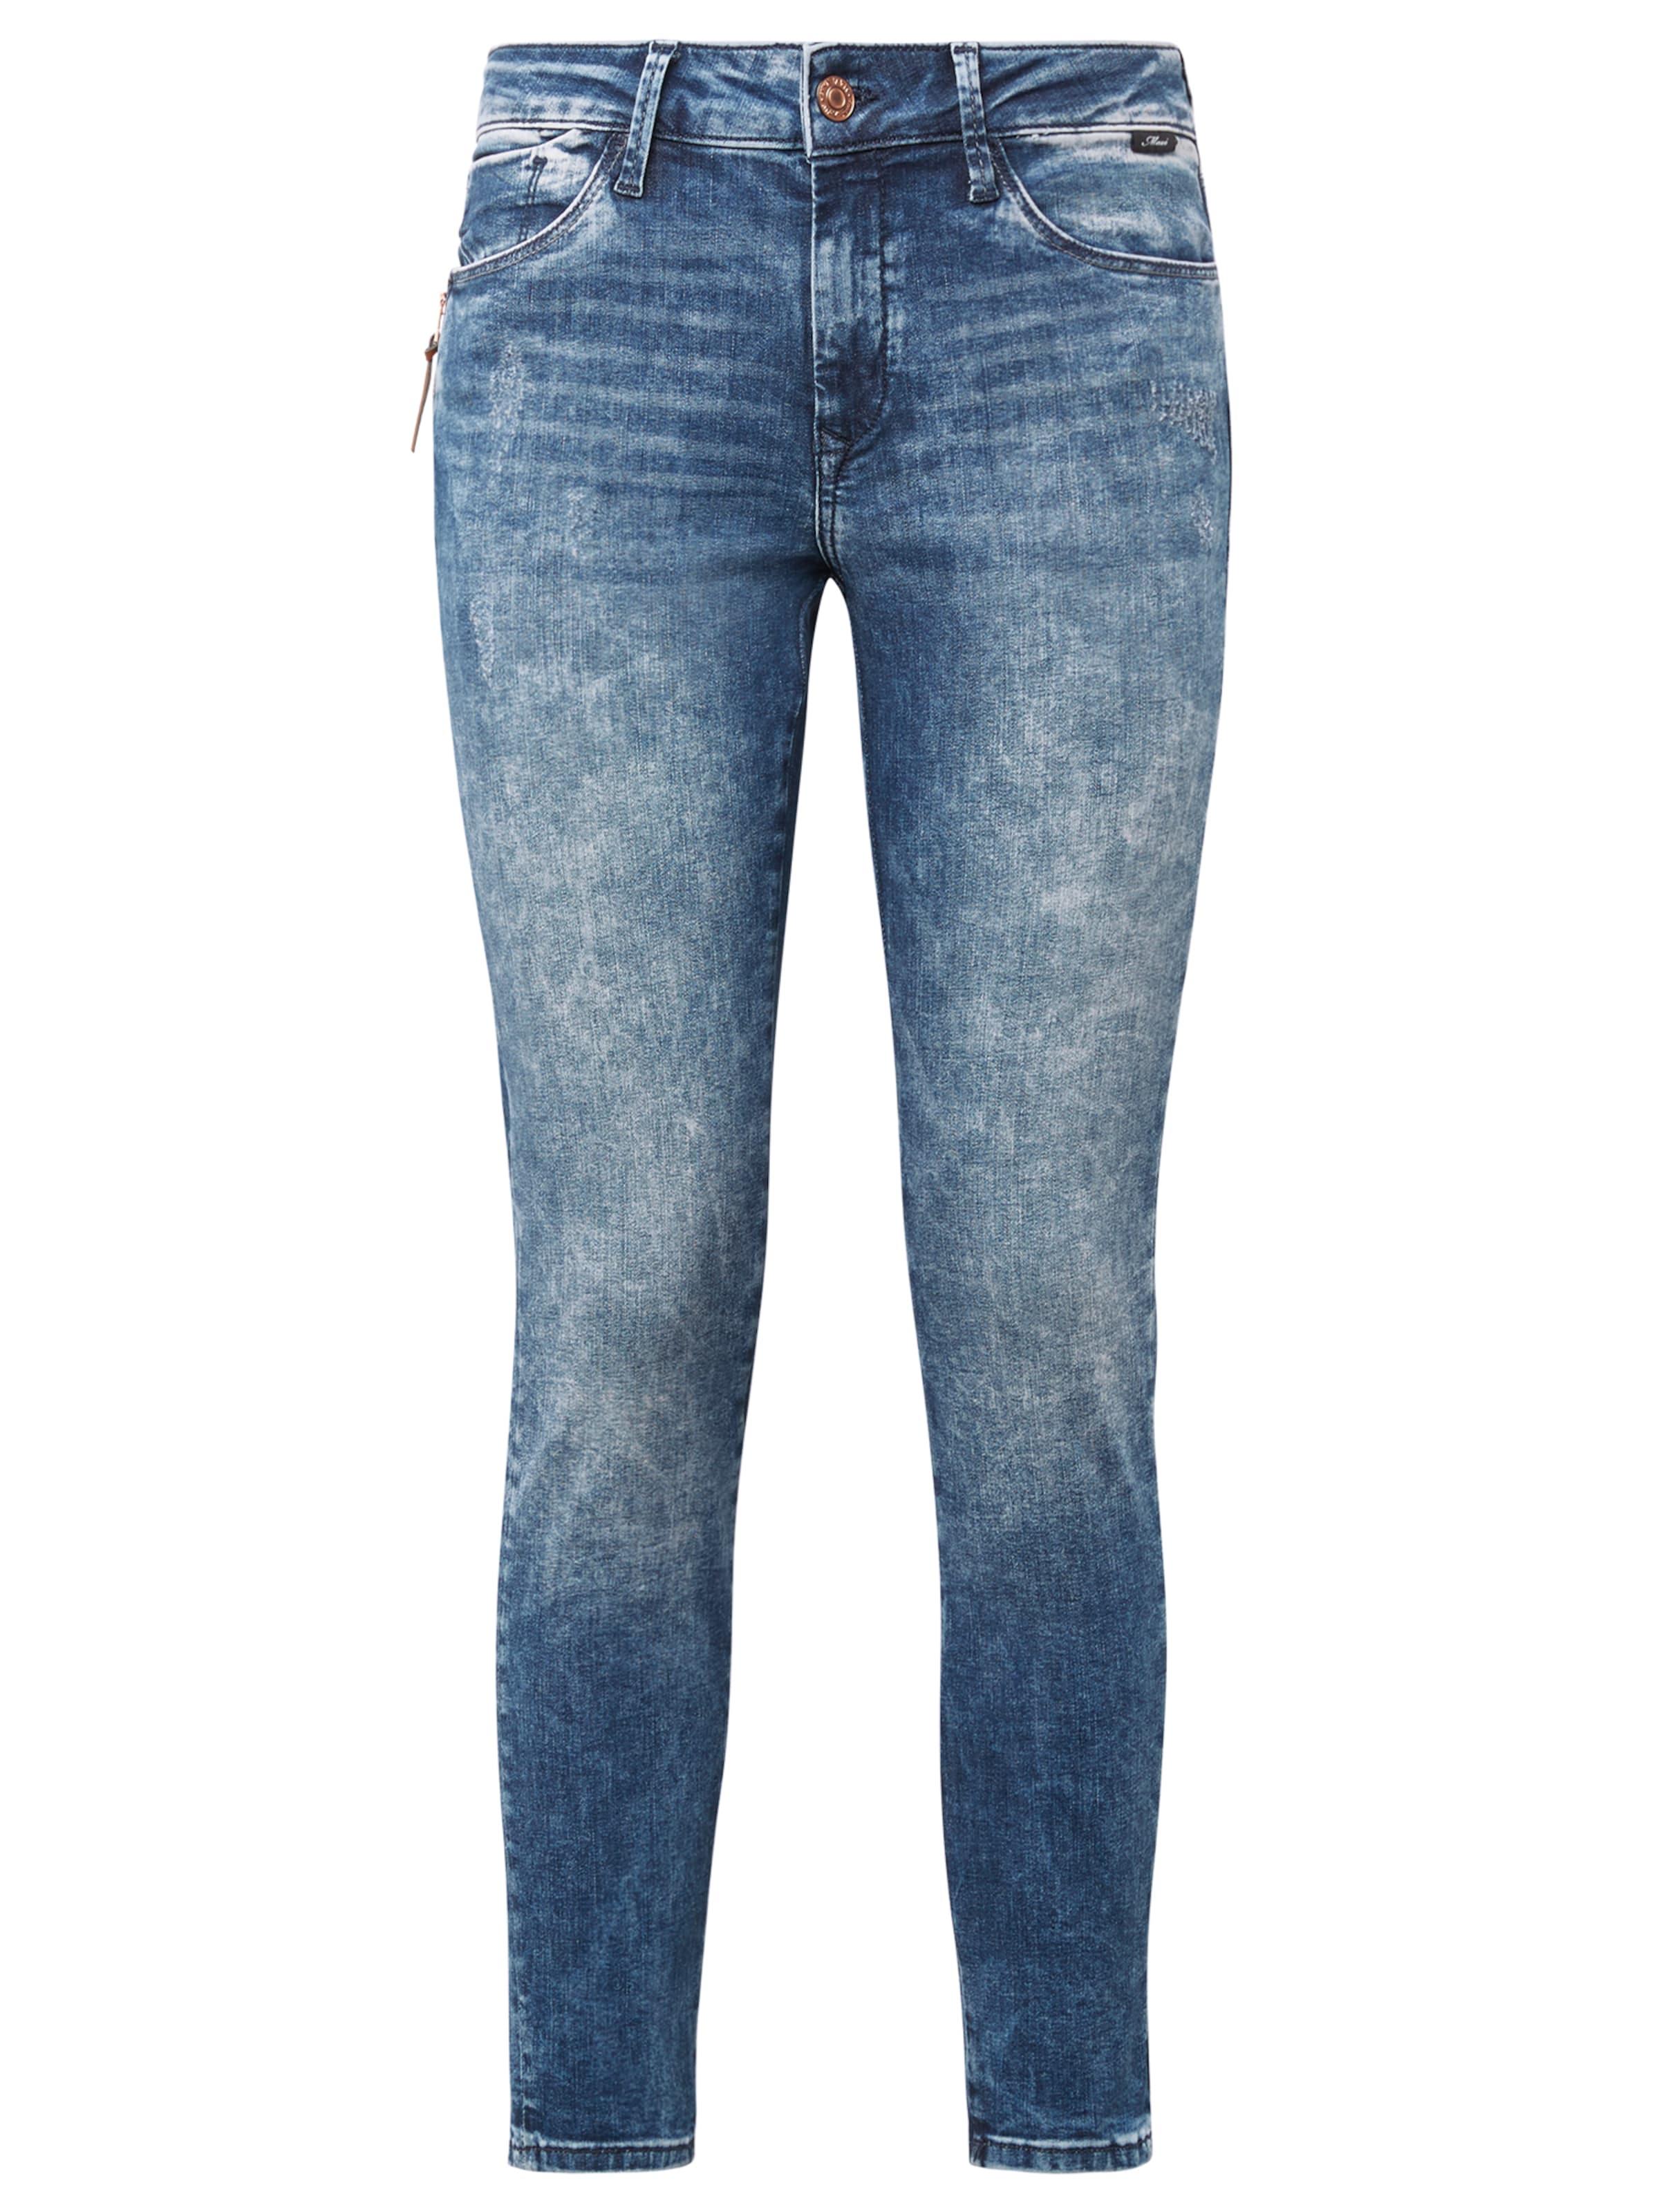 'adriana' In Mavi Jeans Blue Denim LVSMzpqUG